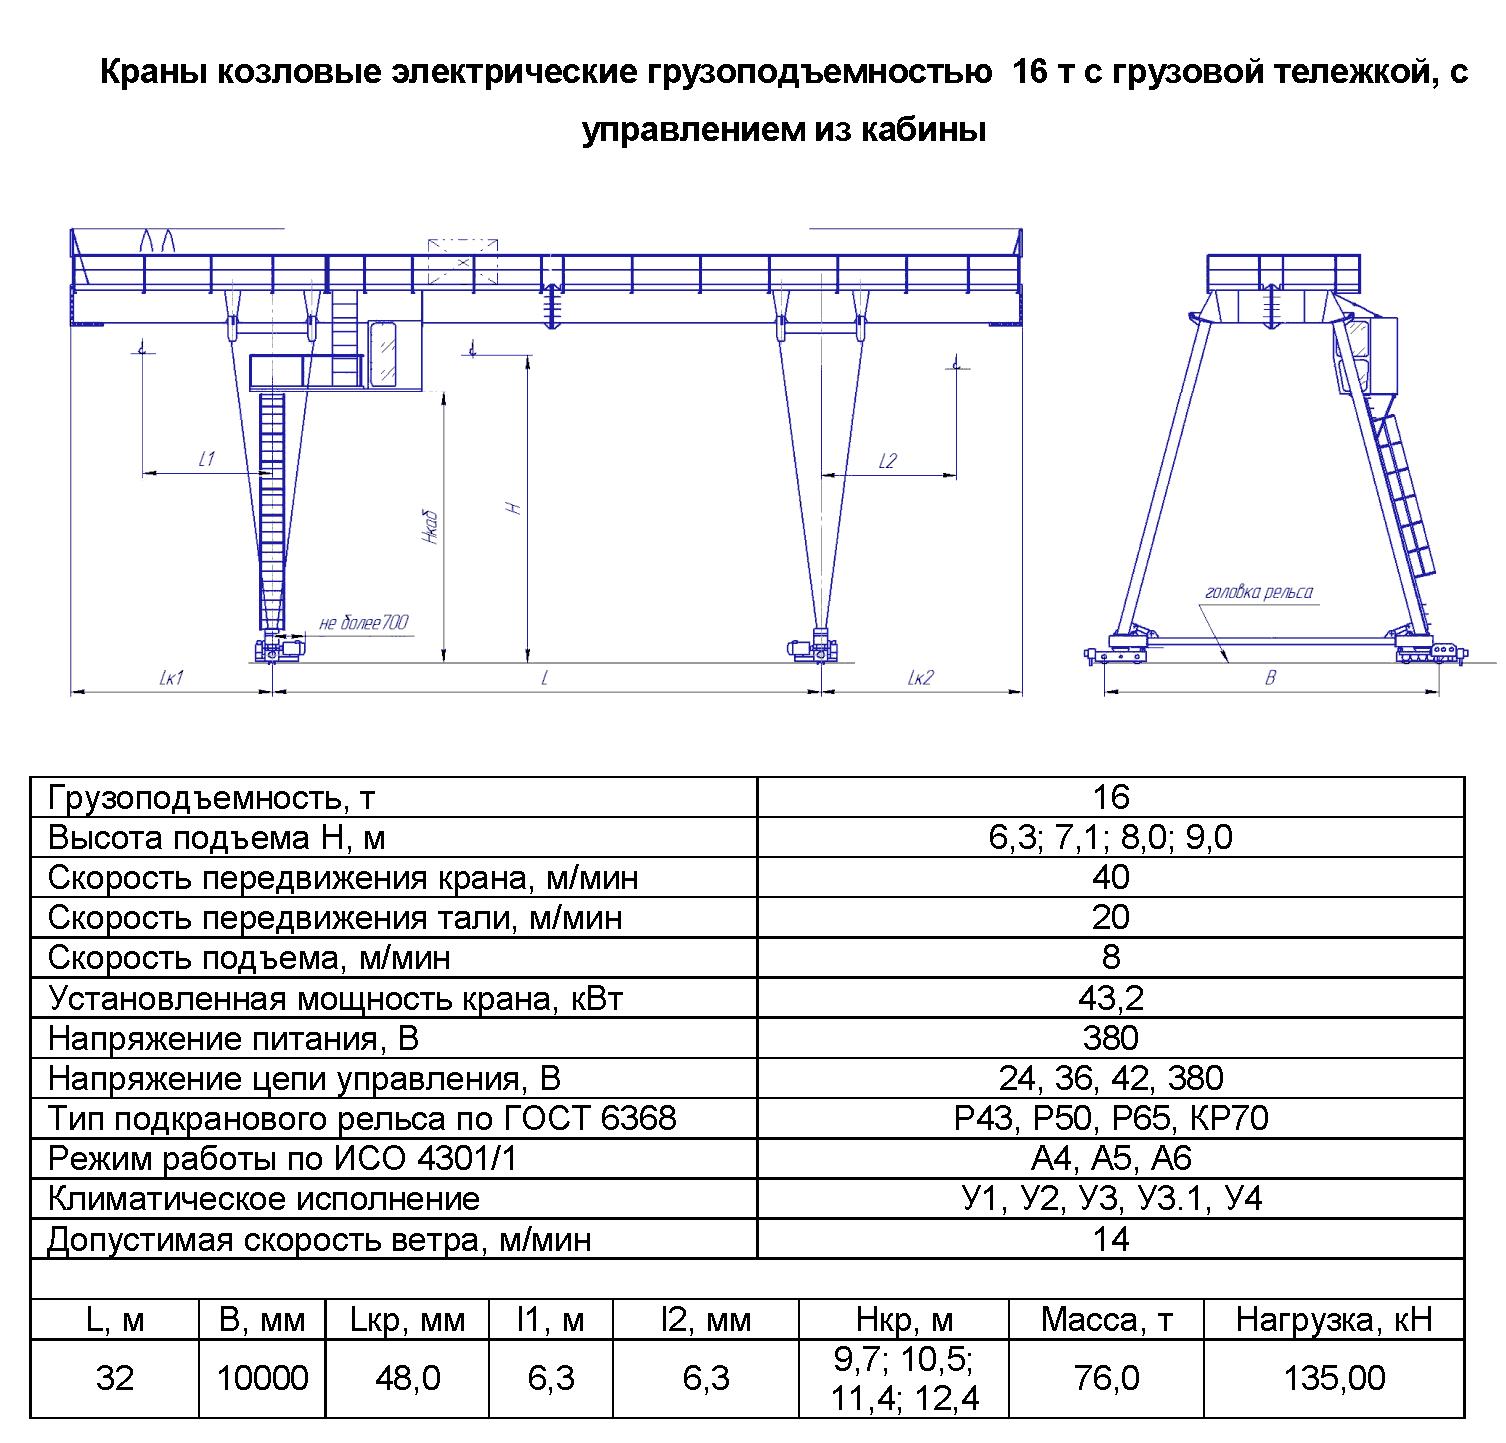 KKD 16 320 - Кран козловой электрический двухбалочный